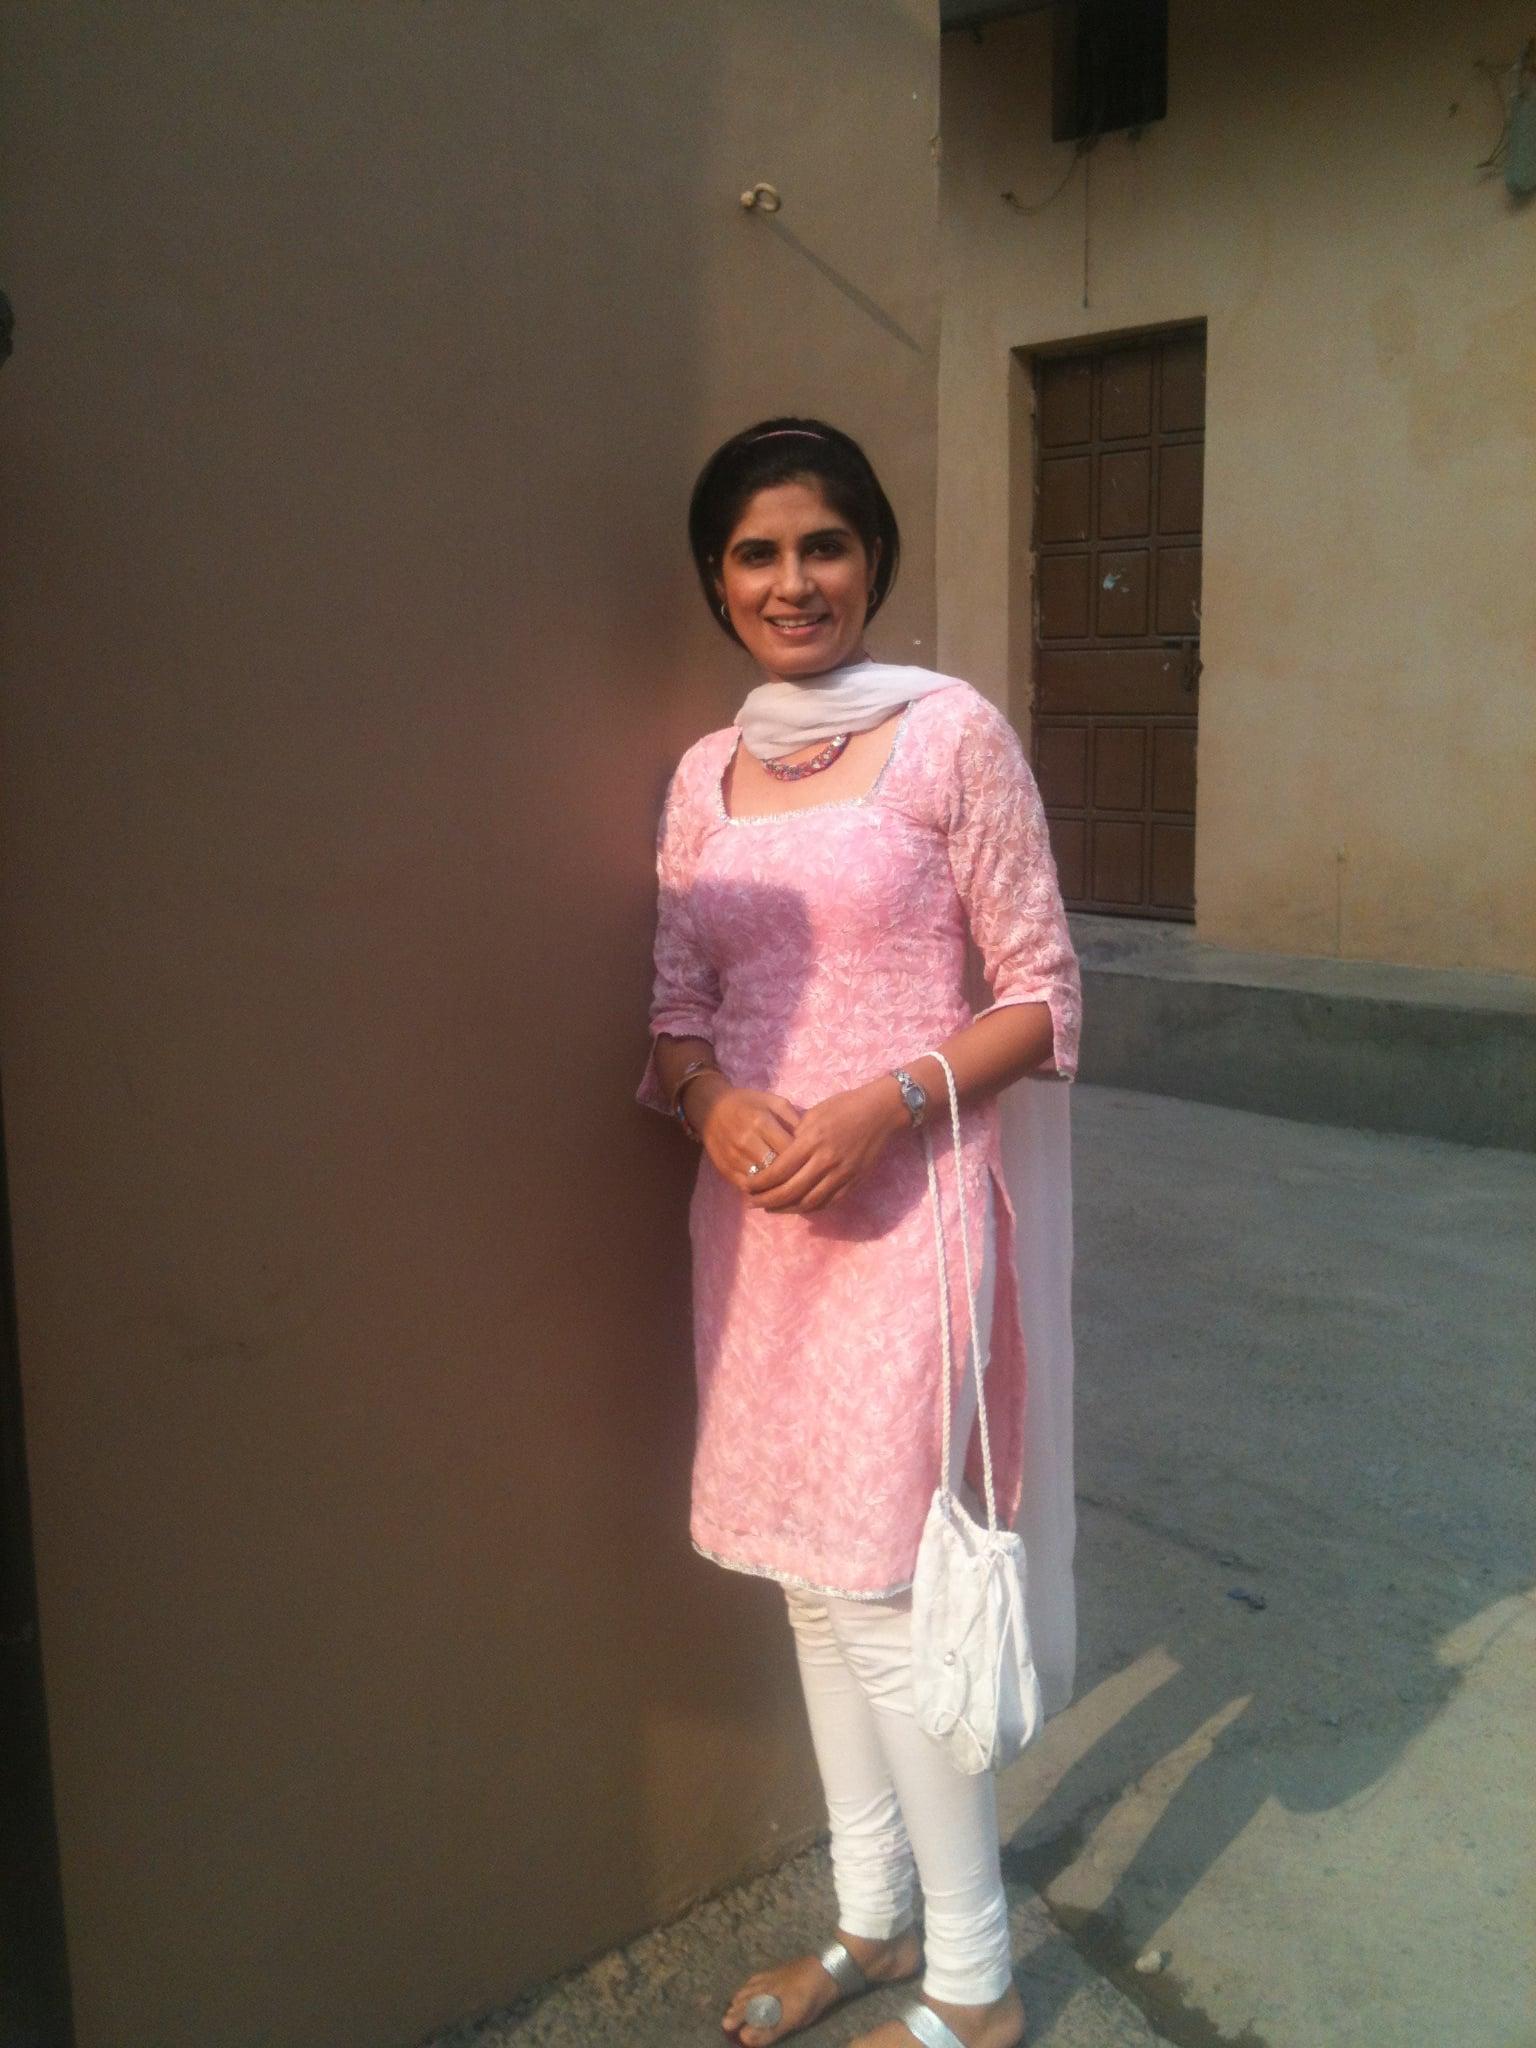 Chikankari Pink Kurta- Let's celebrate Diwali the Indian Way!